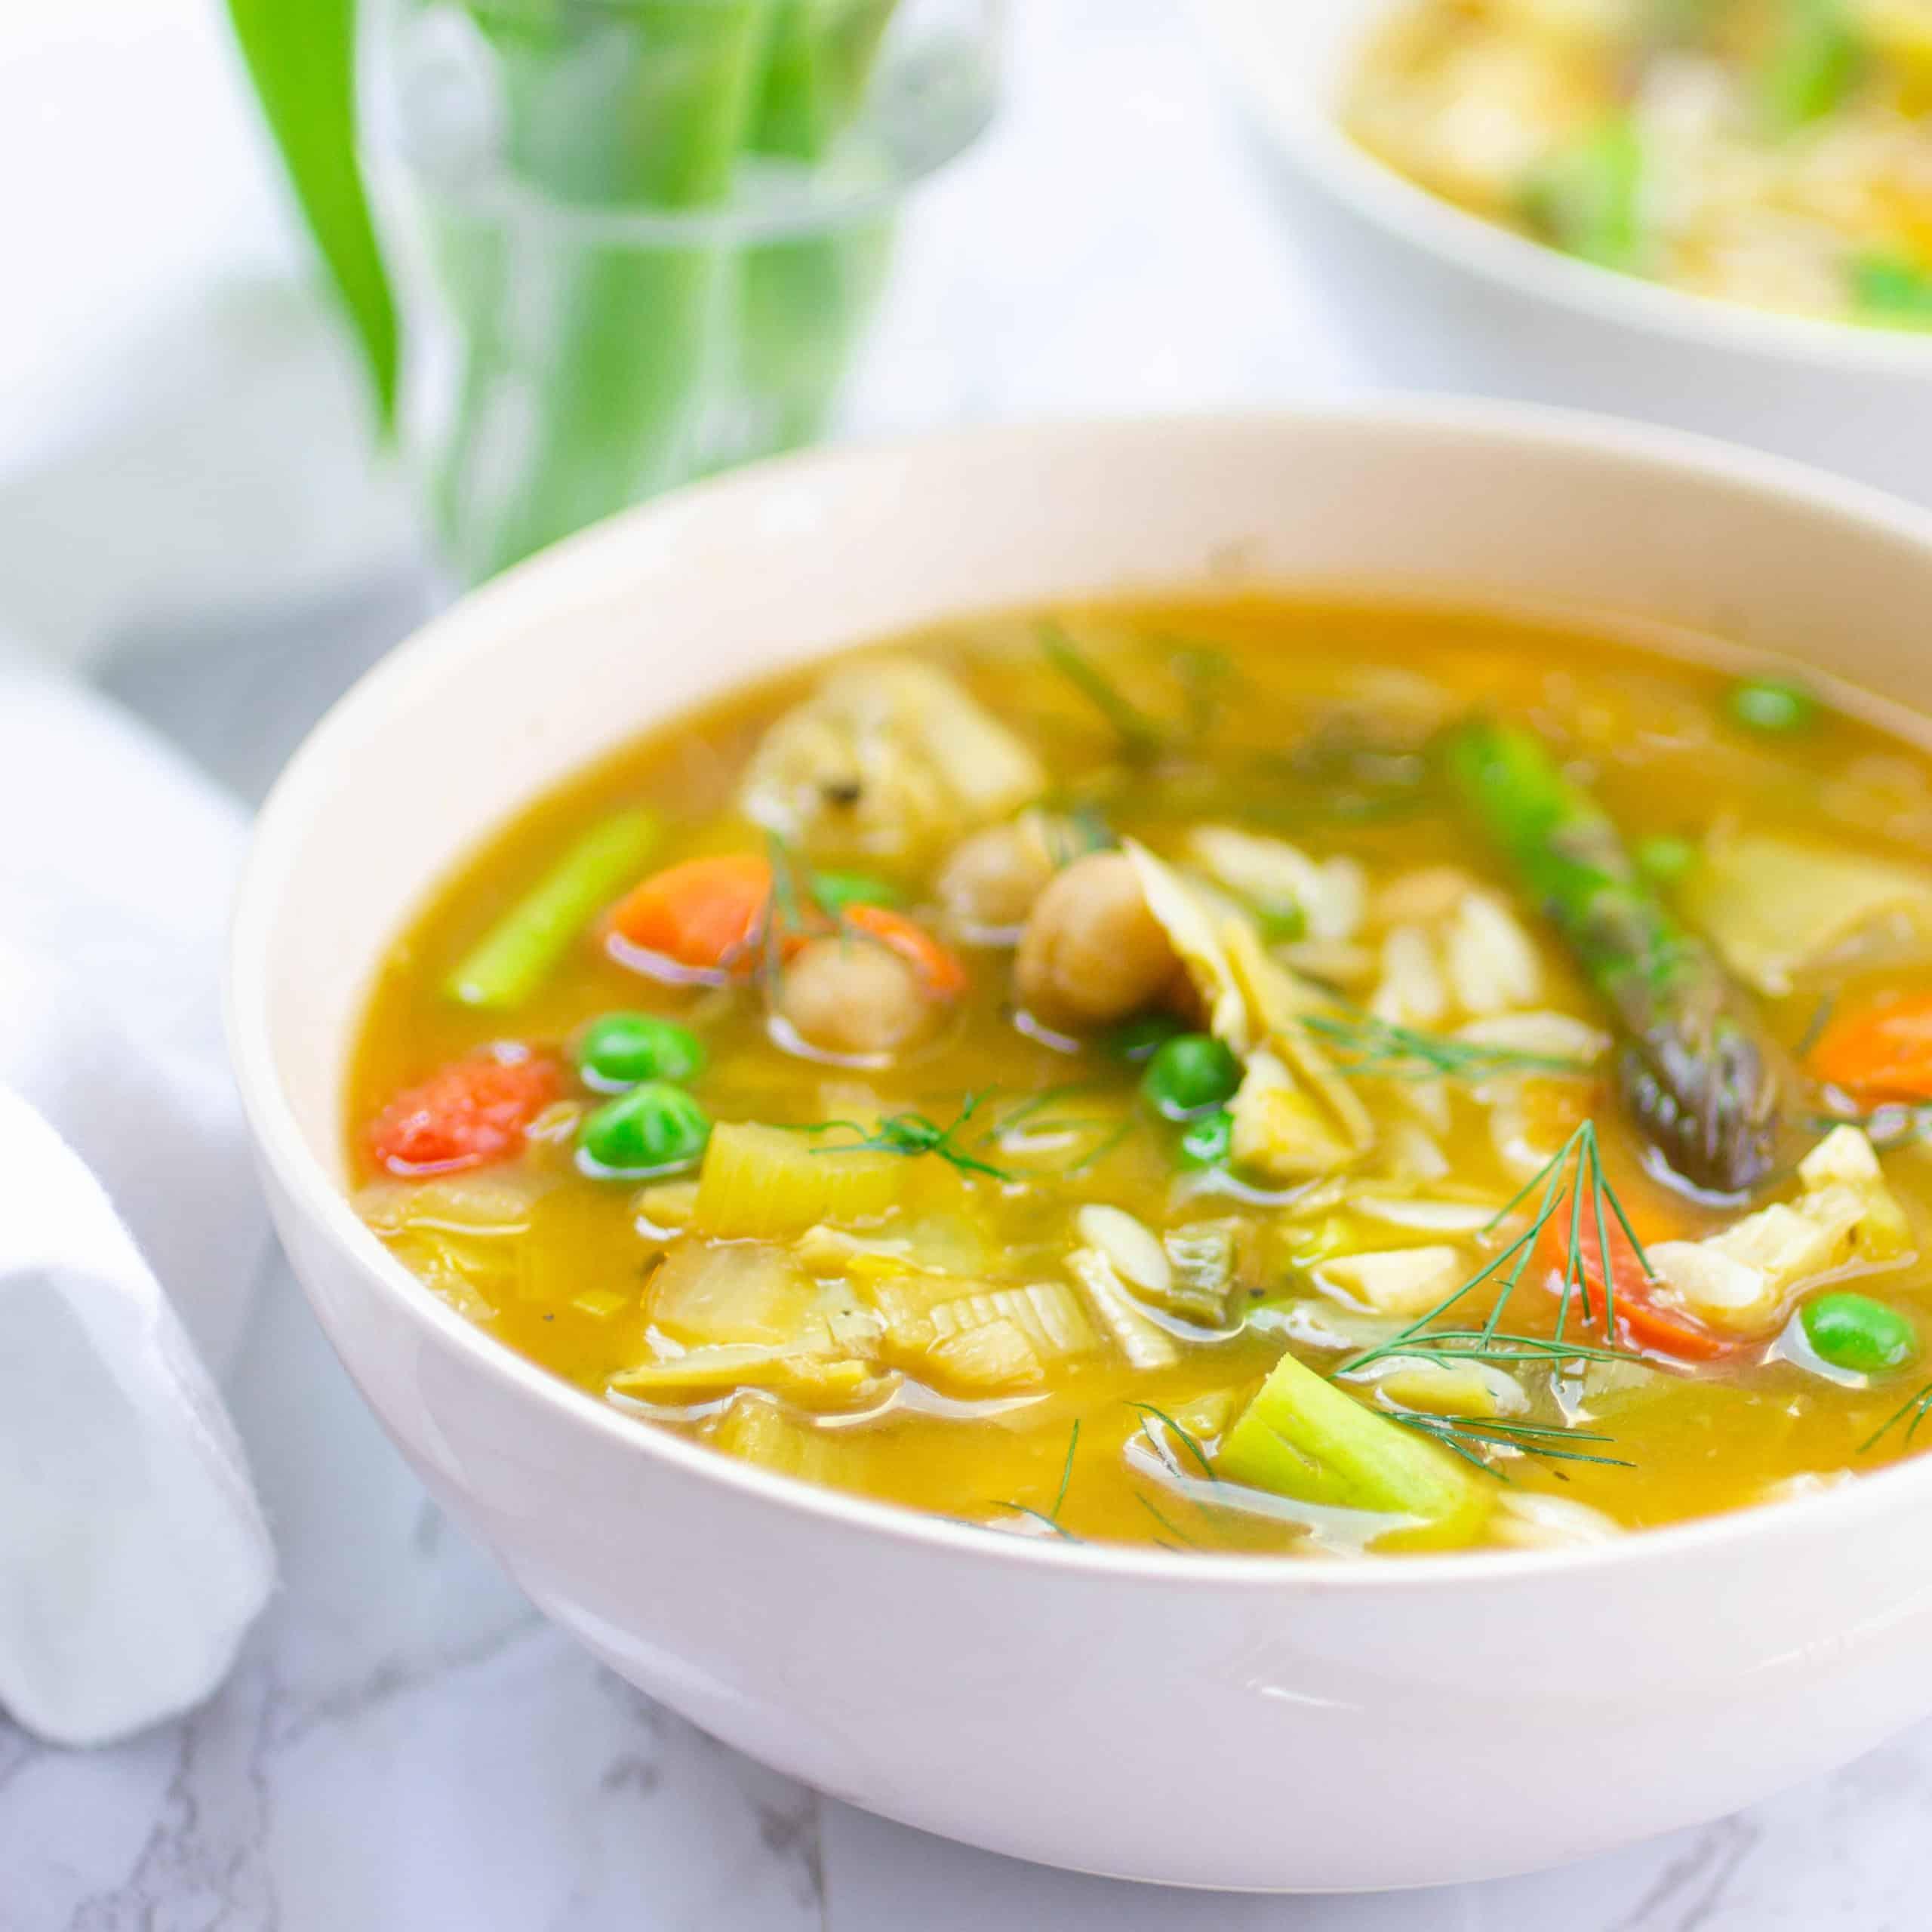 Lemony Minestrone Soup